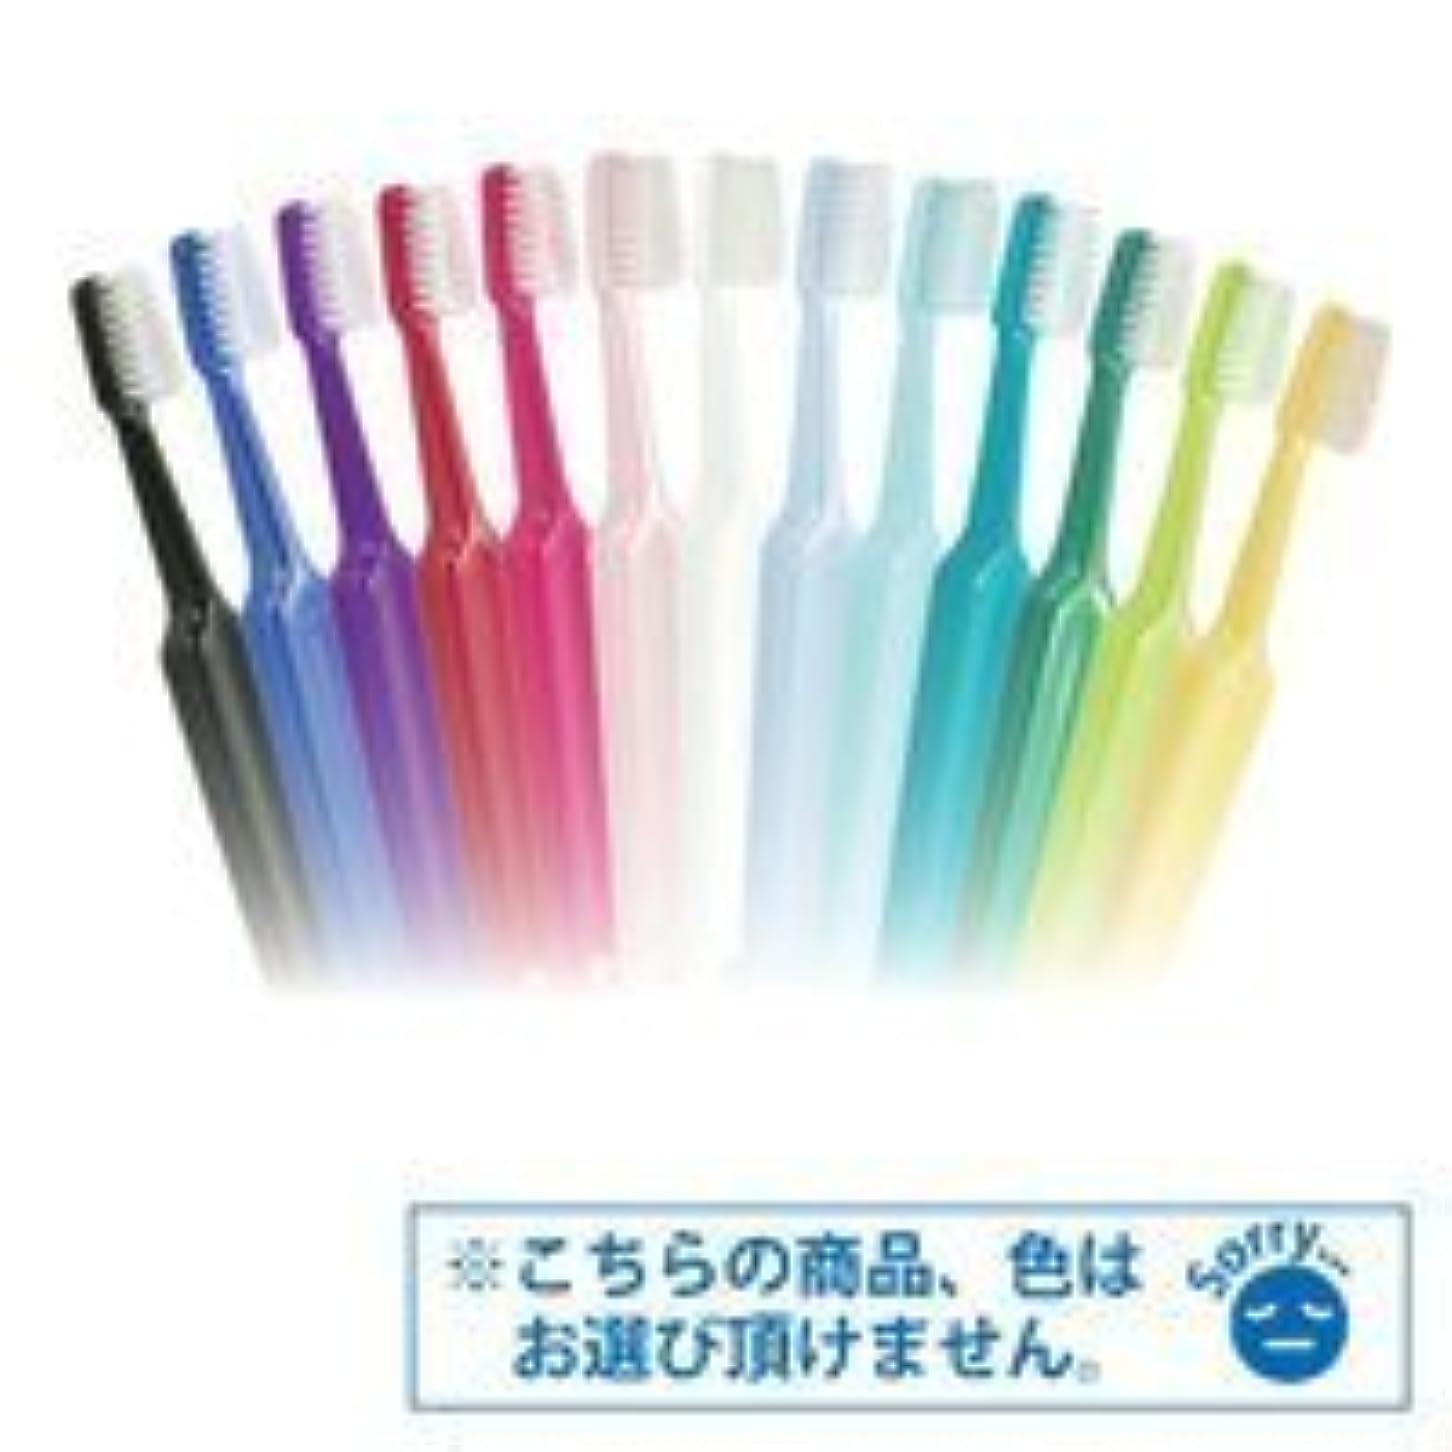 不名誉な交響曲イヤホンTepe歯ブラシ セレクトコンパクト/エクストラソフト 25本/箱